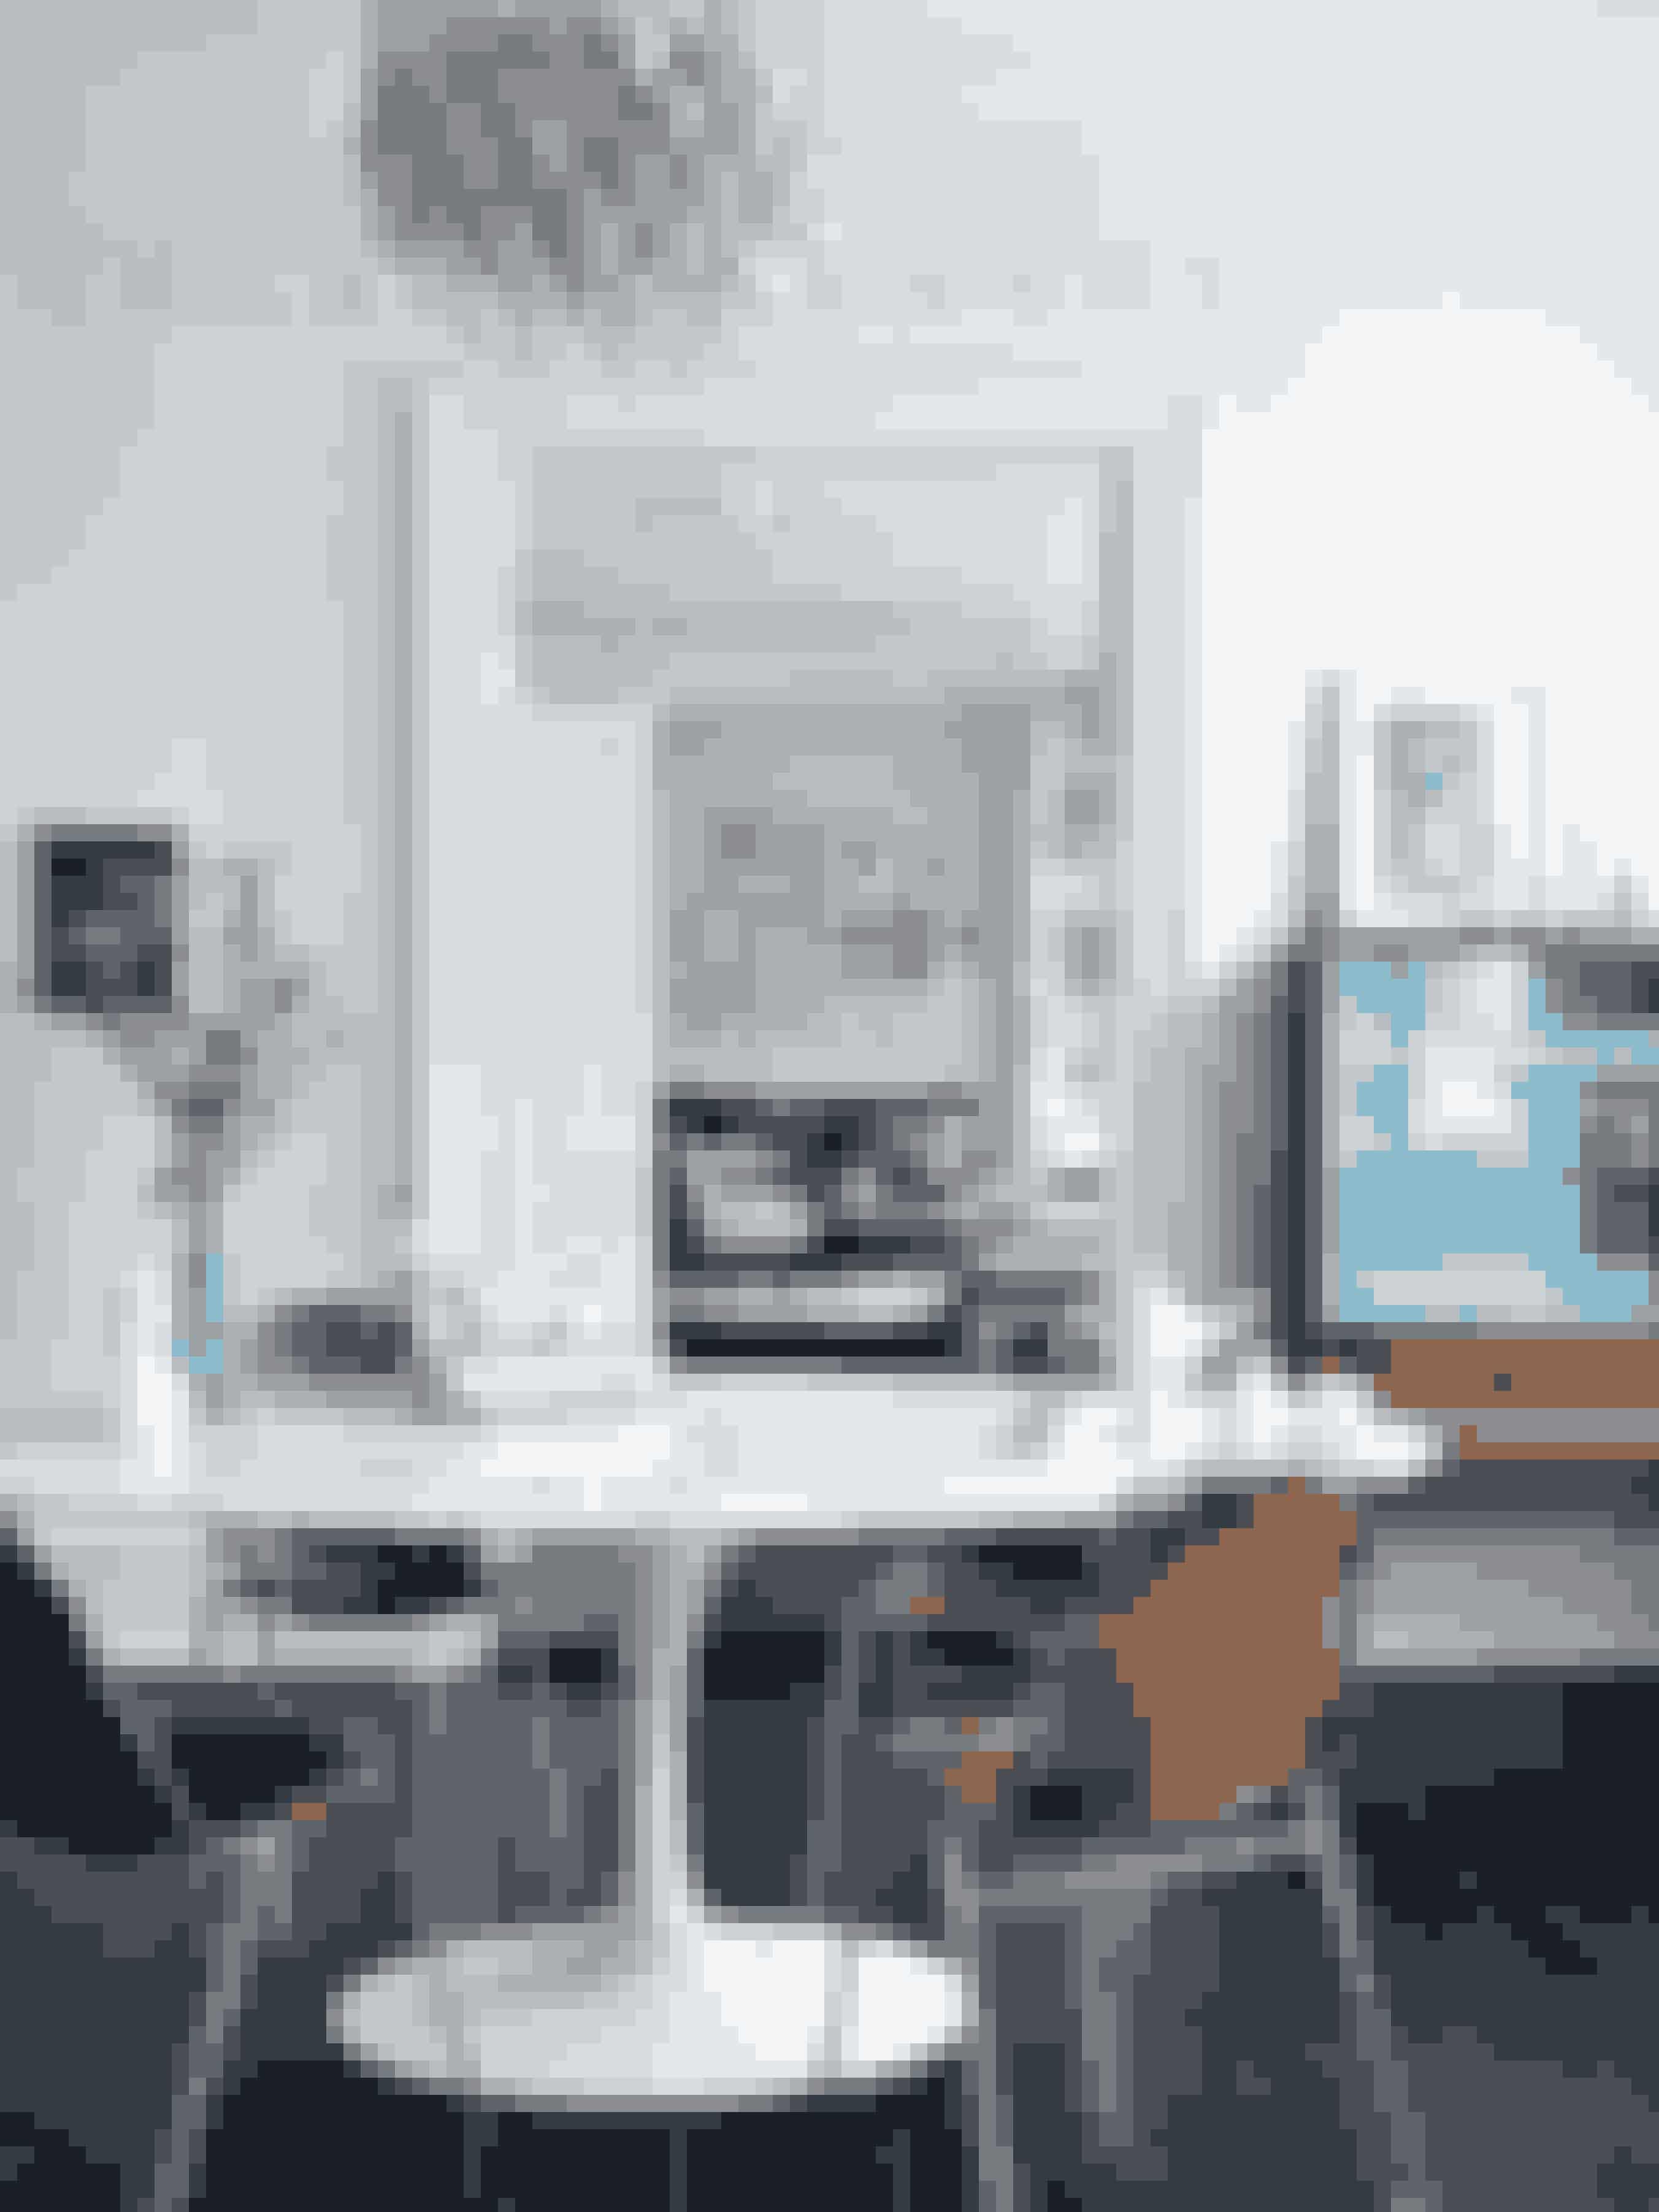 Soveværelset og de tre stuer ligger i forlængelse af hinanden, hvilket giver et smukt sammenhængende flow i lejligheden. Marmorbordet er formgivet af finske Eero Saarinen i 1957, mens stolene med lædersæder er designet af den franske arkitekt Charlotte Perriand. Heidis elskede testel i spinkelt porcelæn med inspiration fra konkylier af danske Arje Griegst for Royal Copenhagen er et sjældent samleobjekt. Lysekronen er et vintagefund.